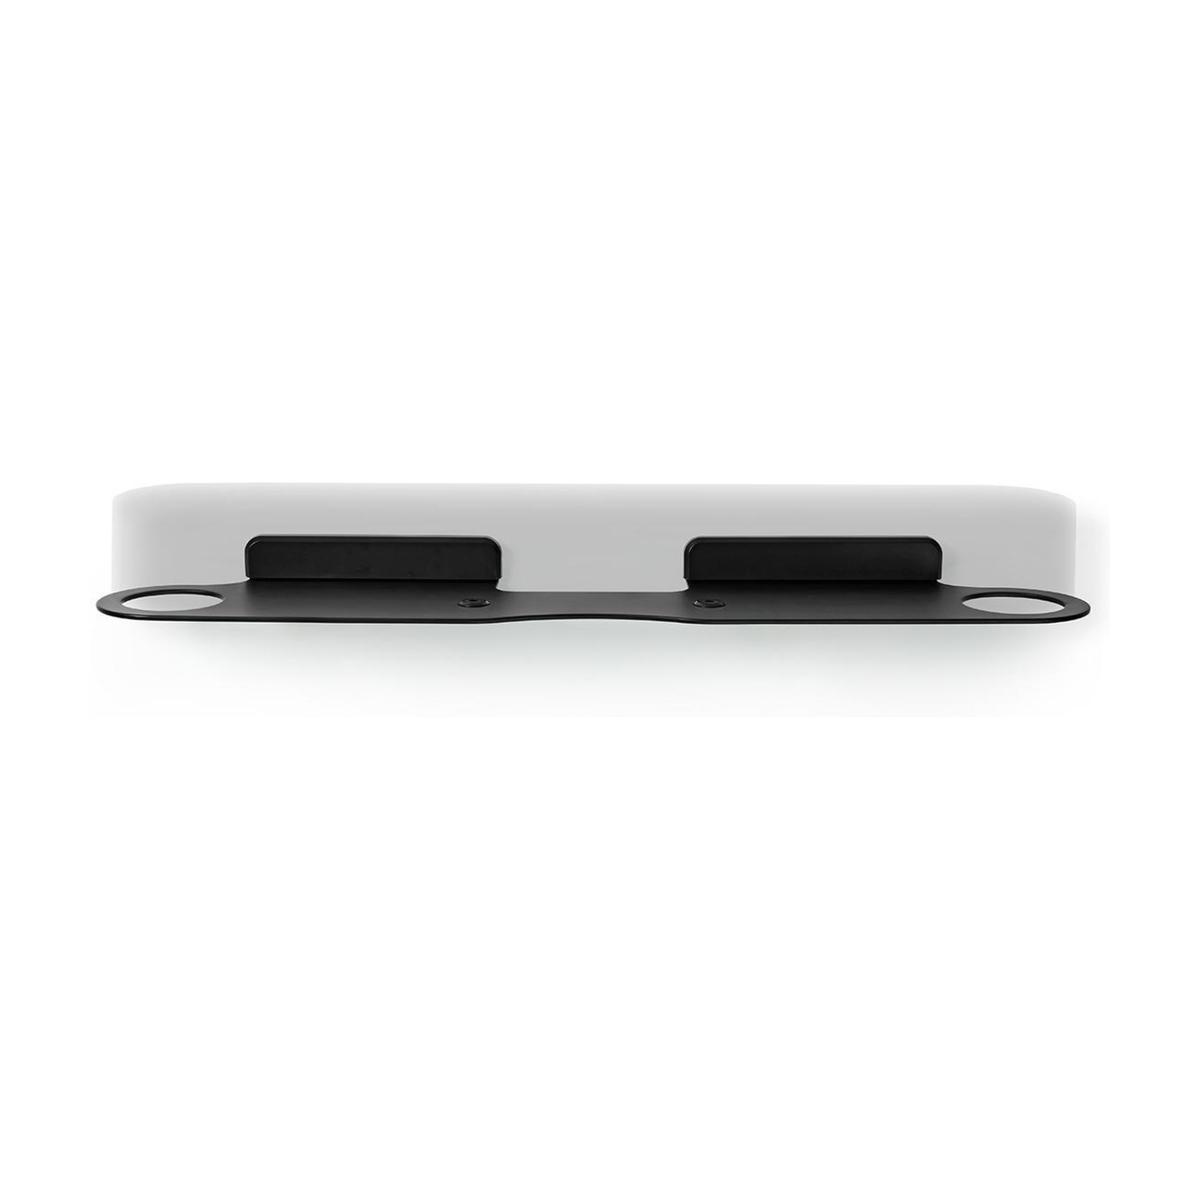 Sonos Beam veggfeste (sort) Veggfeste & stativ for